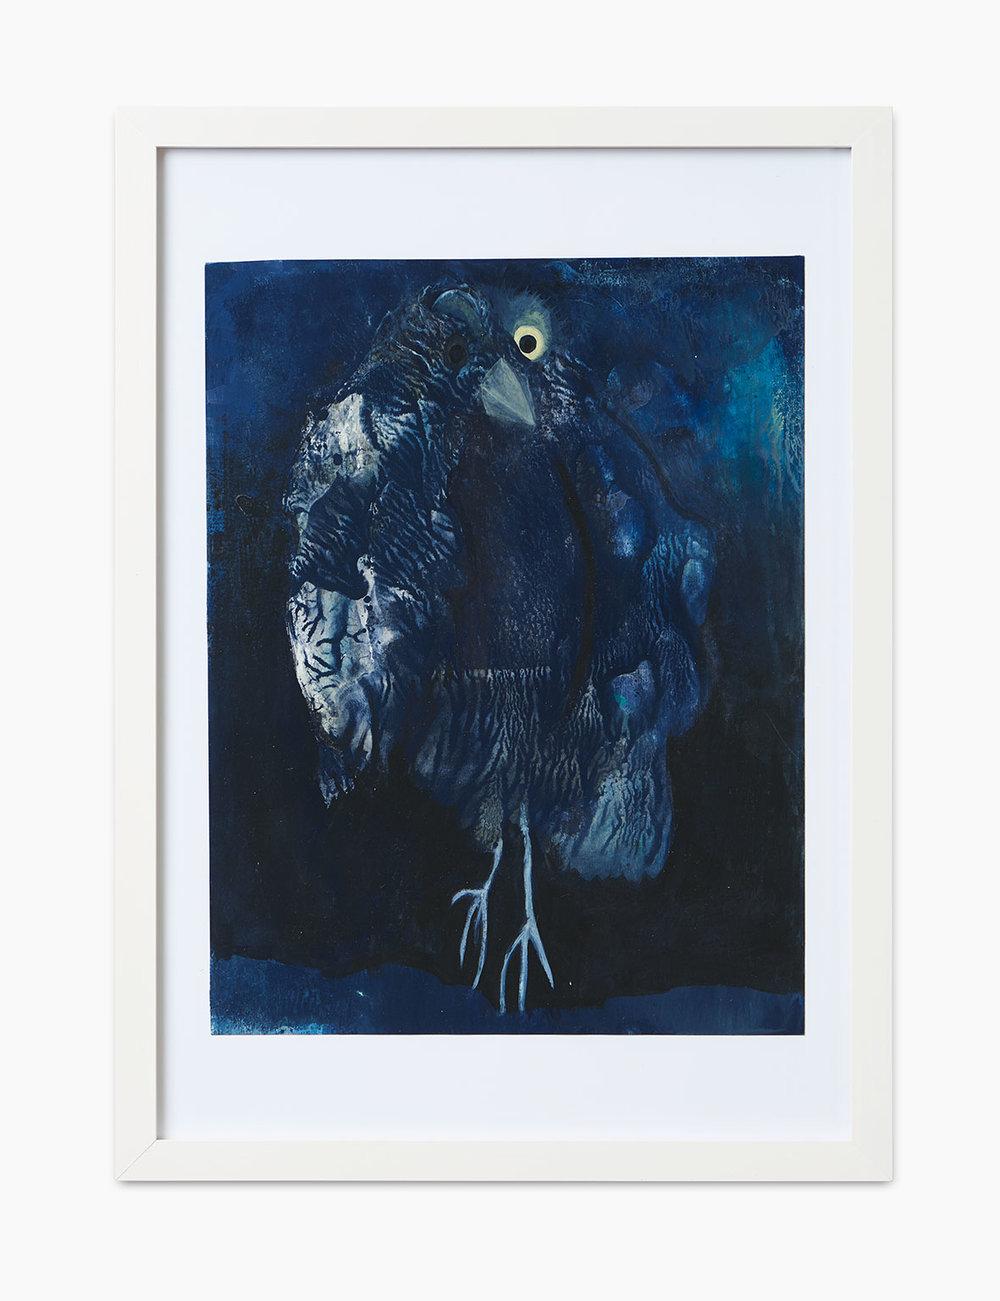 Max Marion Kober Ohne Titel 2016  Gouache und Acryl auf Papier 32 x 24,5 cm